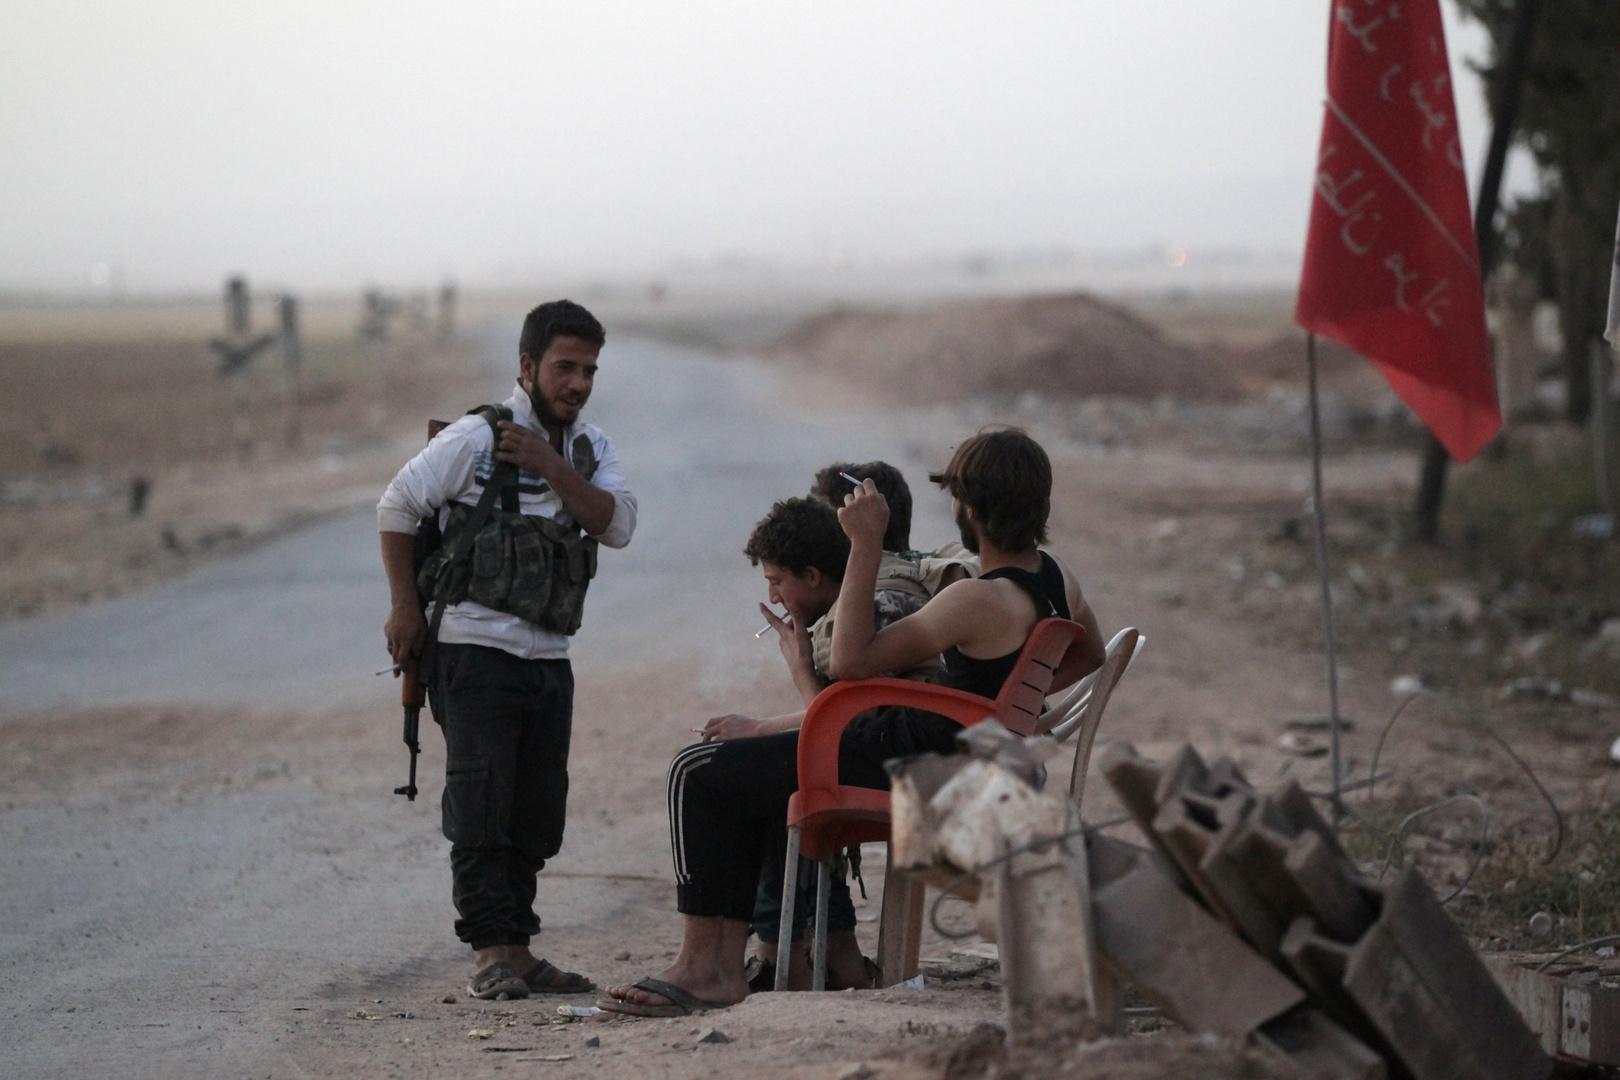 مسلحون معارضون للحكومة السورية في حلب - صورة أرشيفية